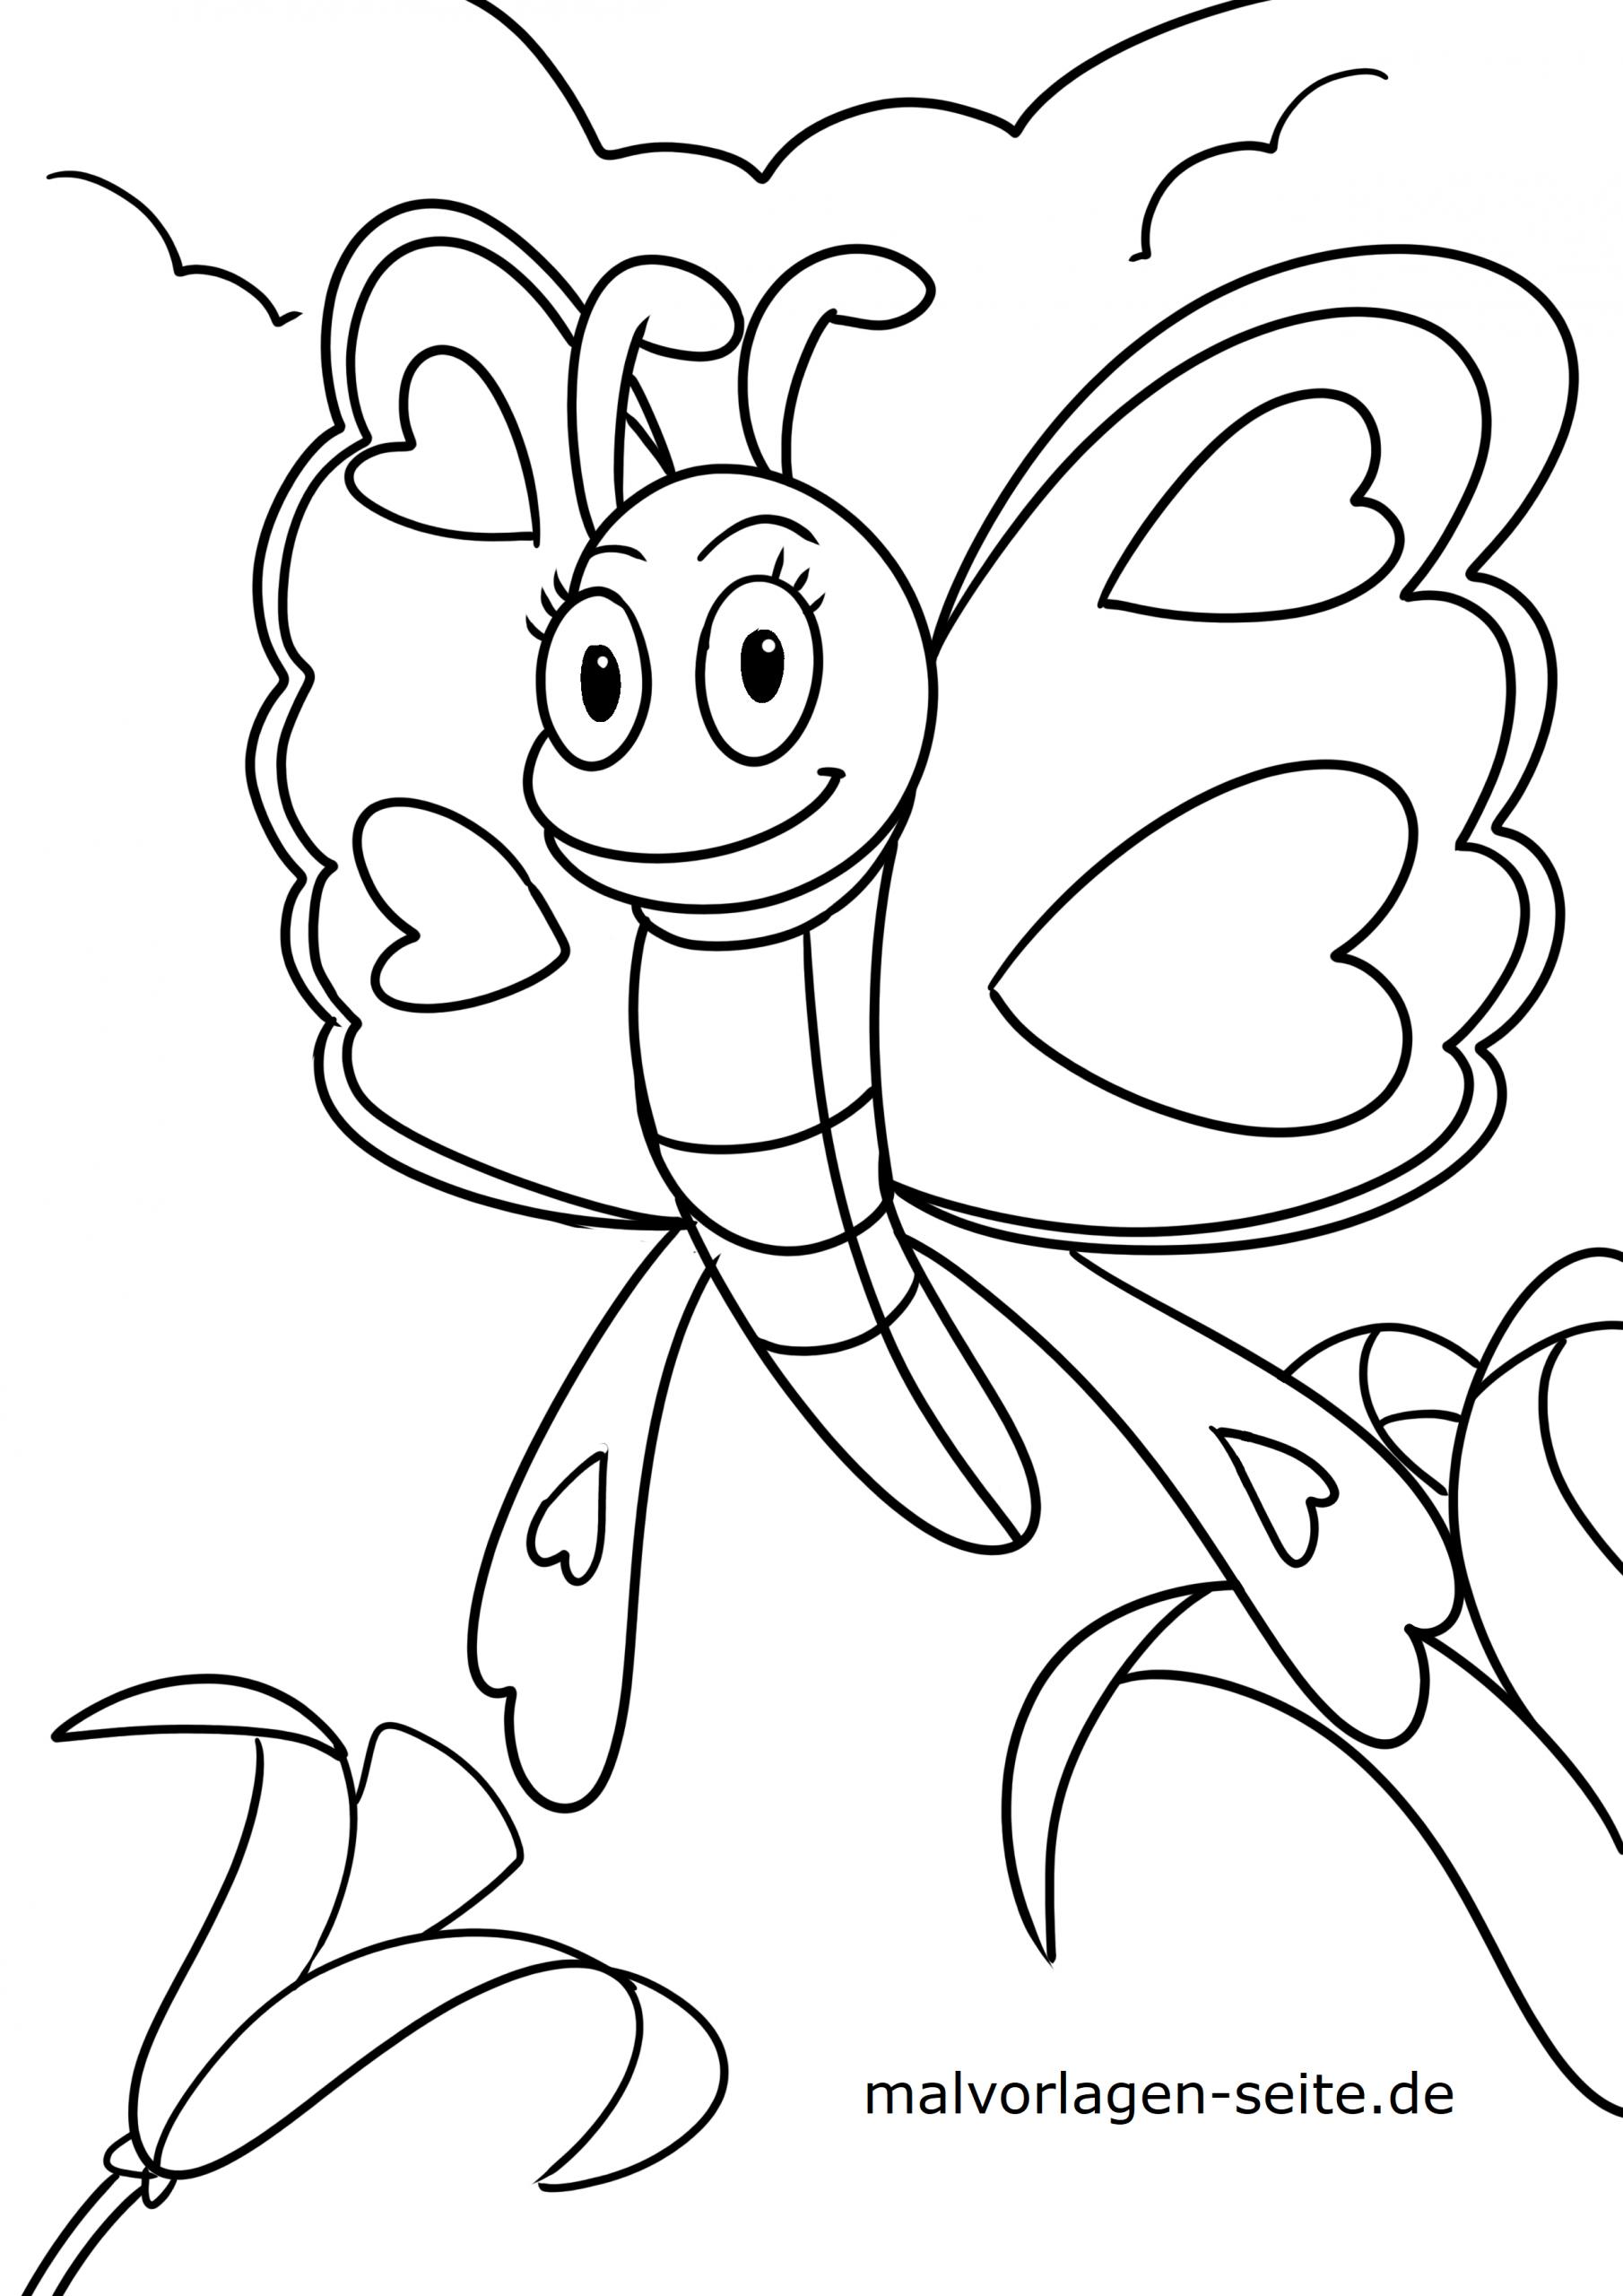 Malvorlage Schmetterling - Ausmalbilder Kostenlos Herunterladen mit Malvorlagen Schmetterling